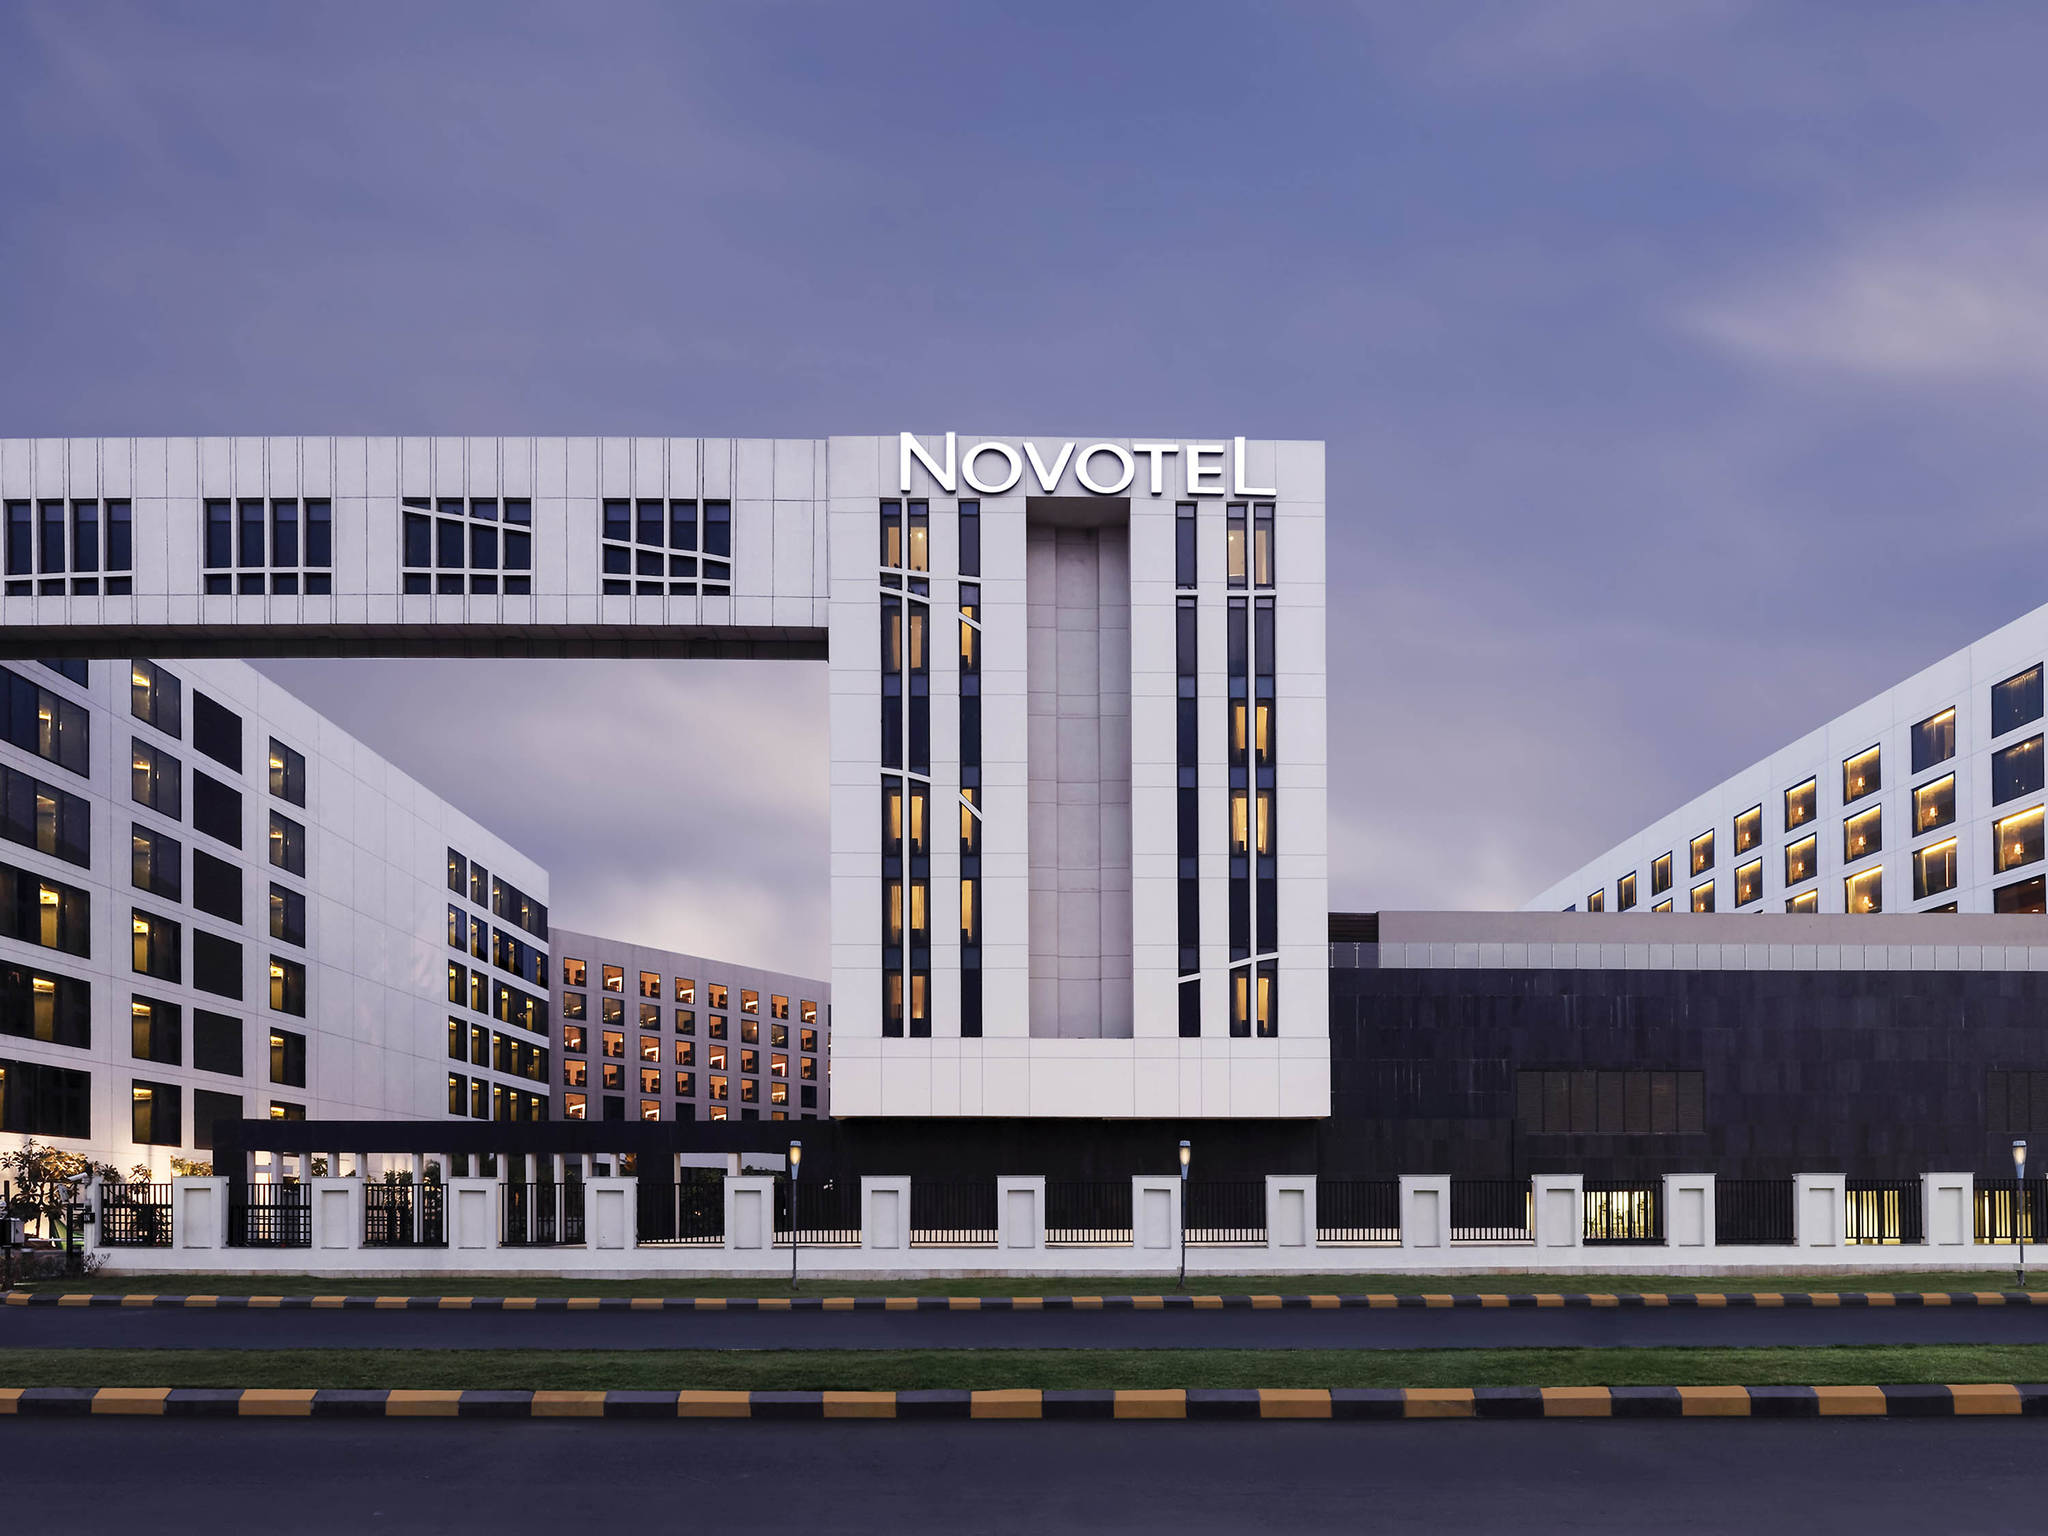 Ibis Hotel A